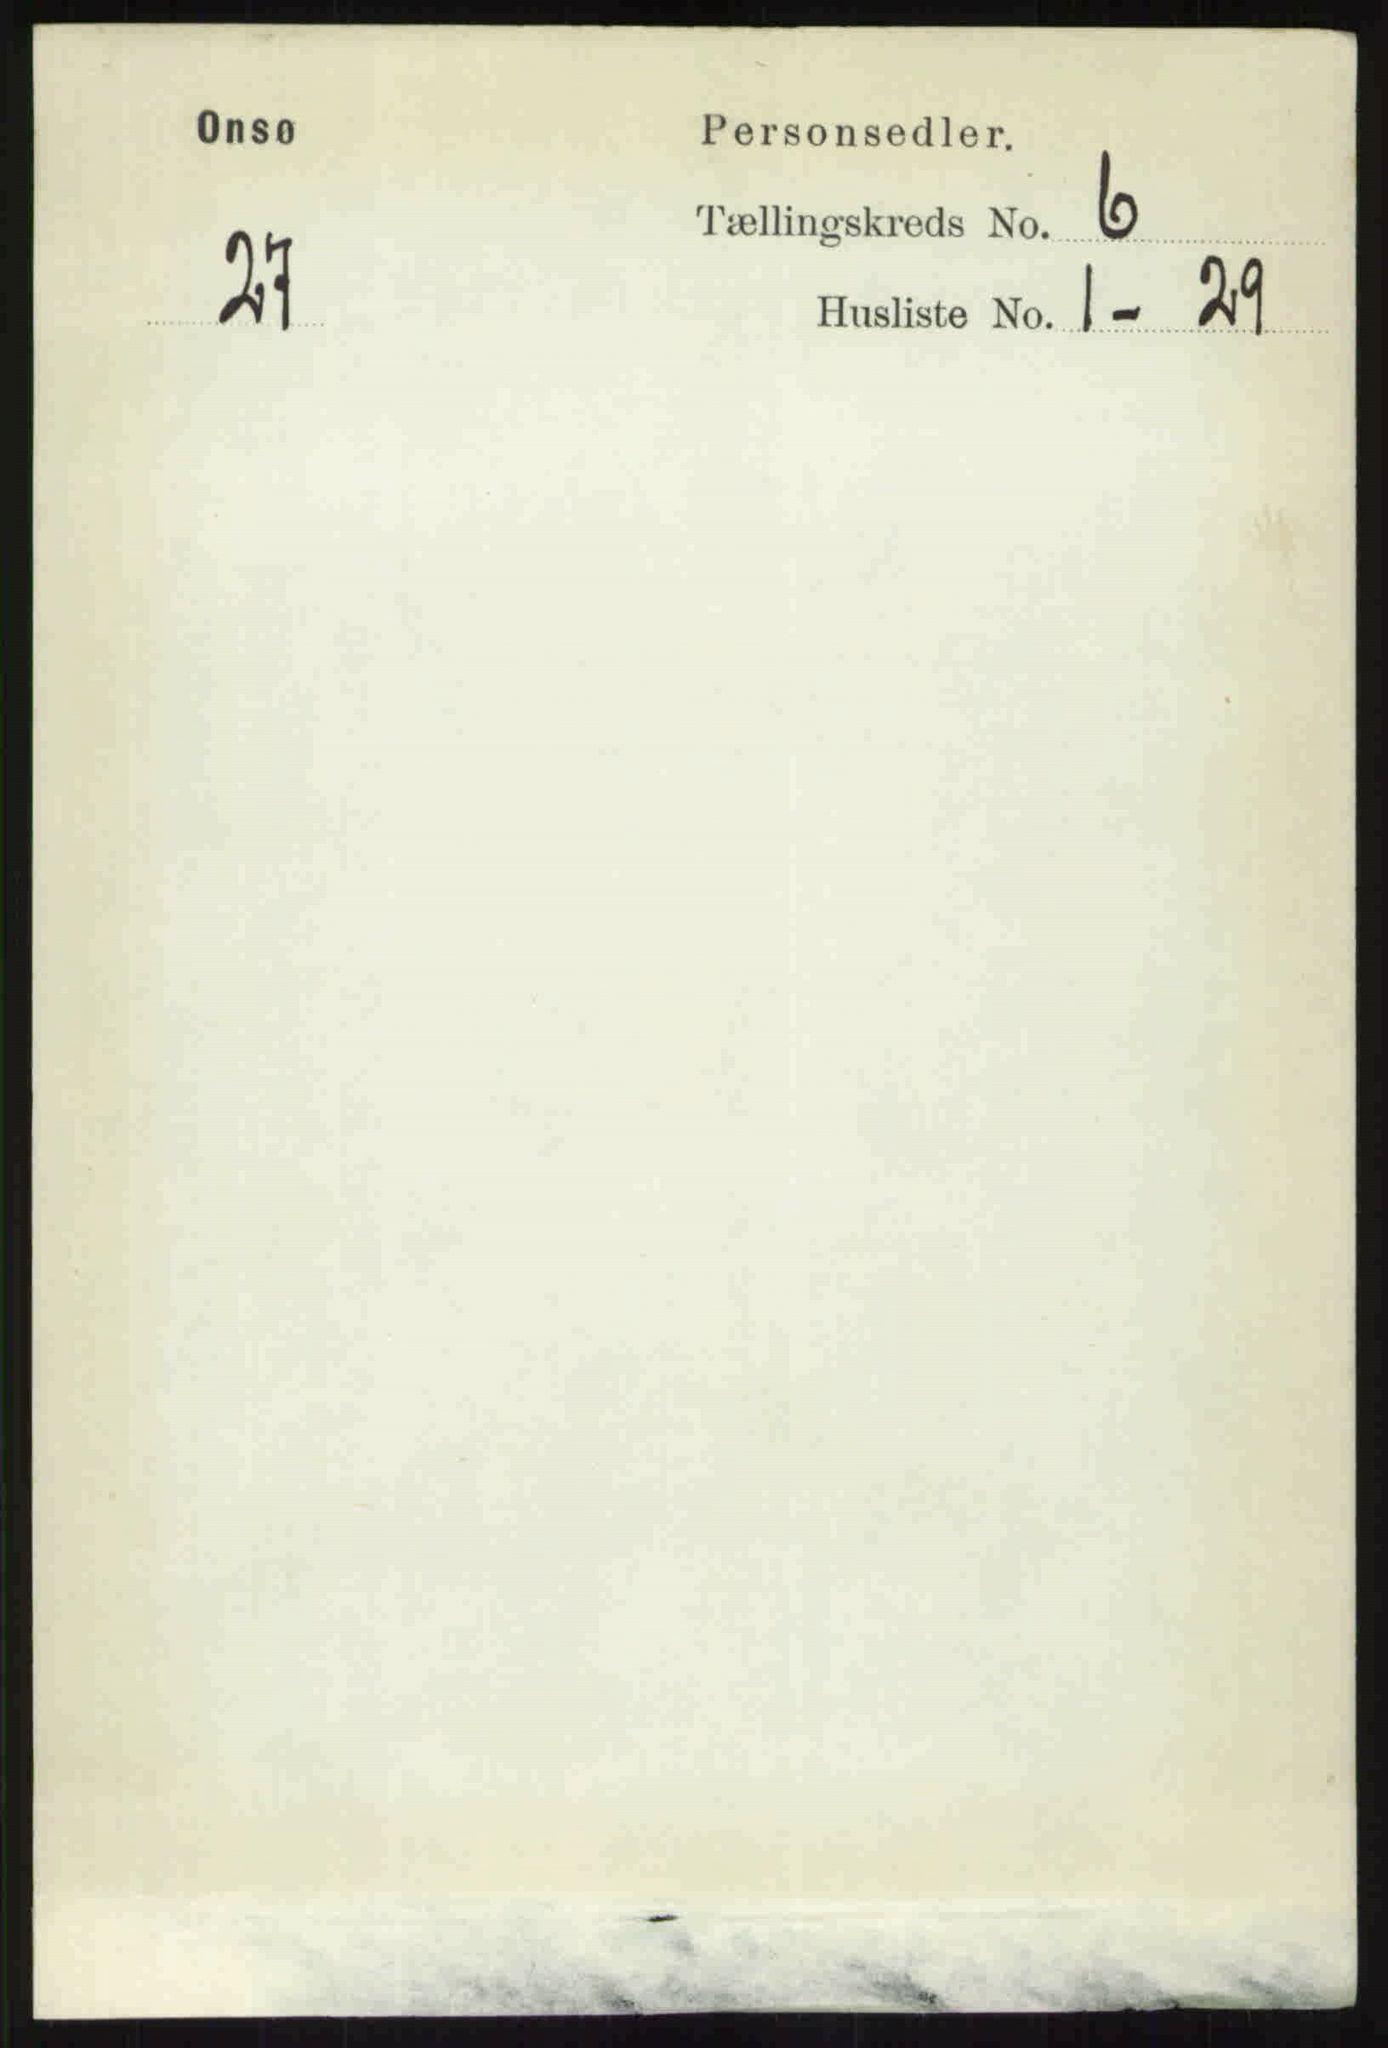 RA, Folketelling 1891 for 0134 Onsøy herred, 1891, s. 5061